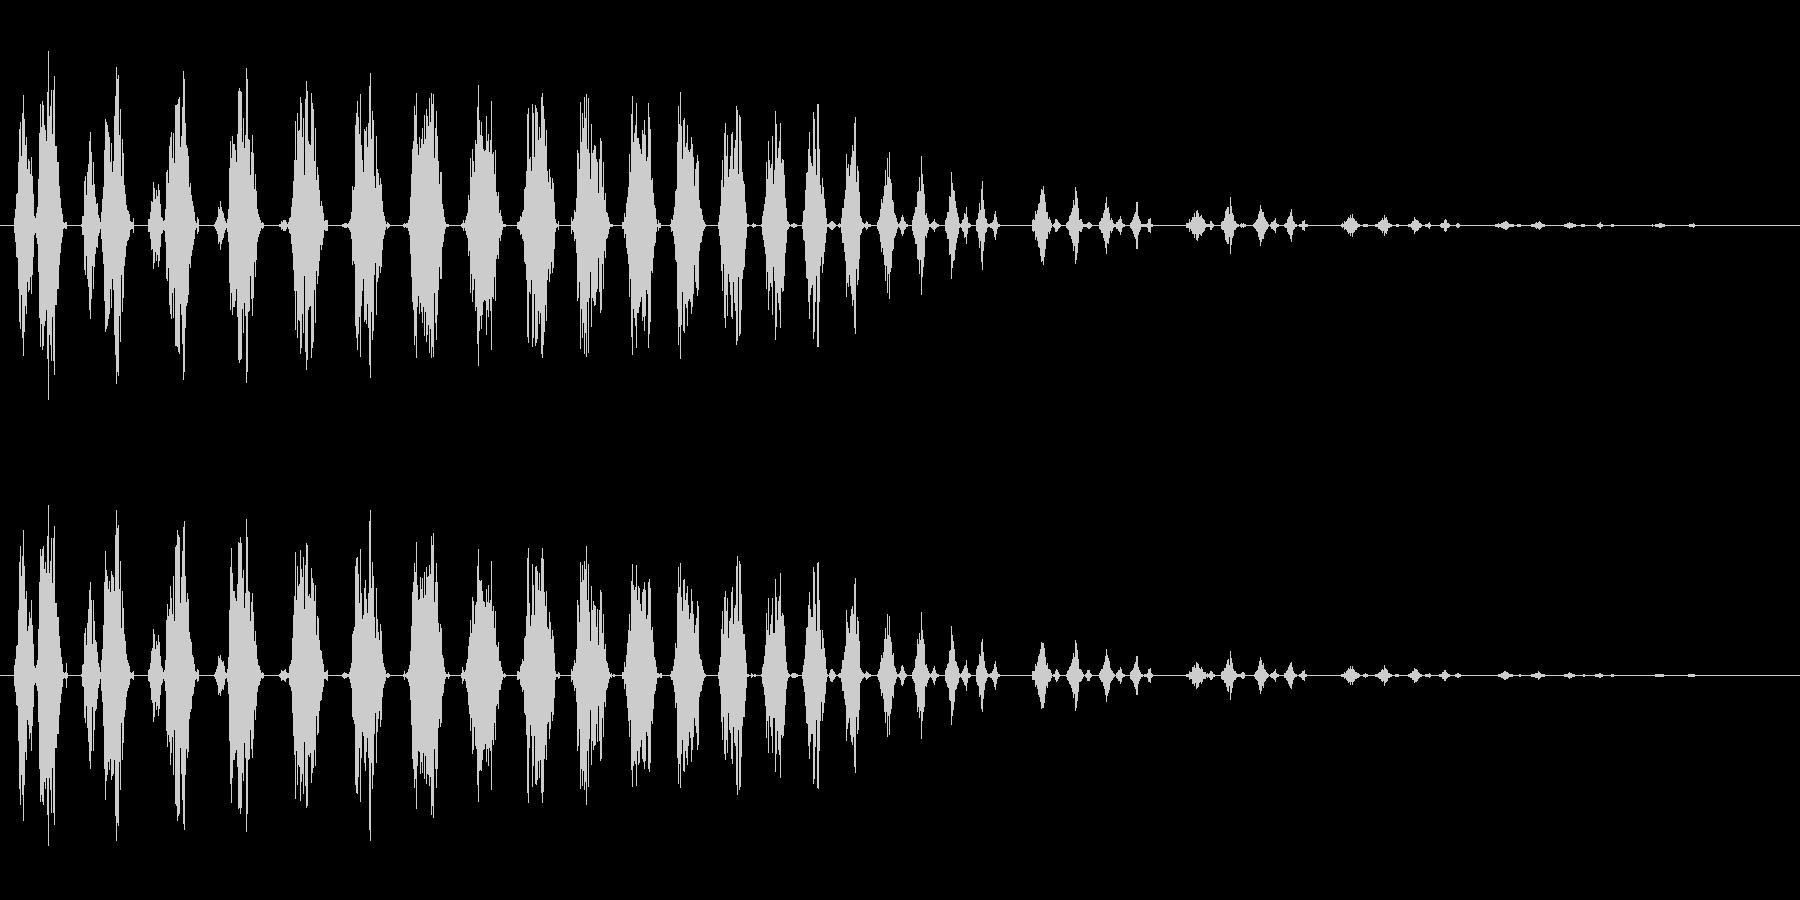 ビチョビチョビチョ(高速で移動する音)の未再生の波形